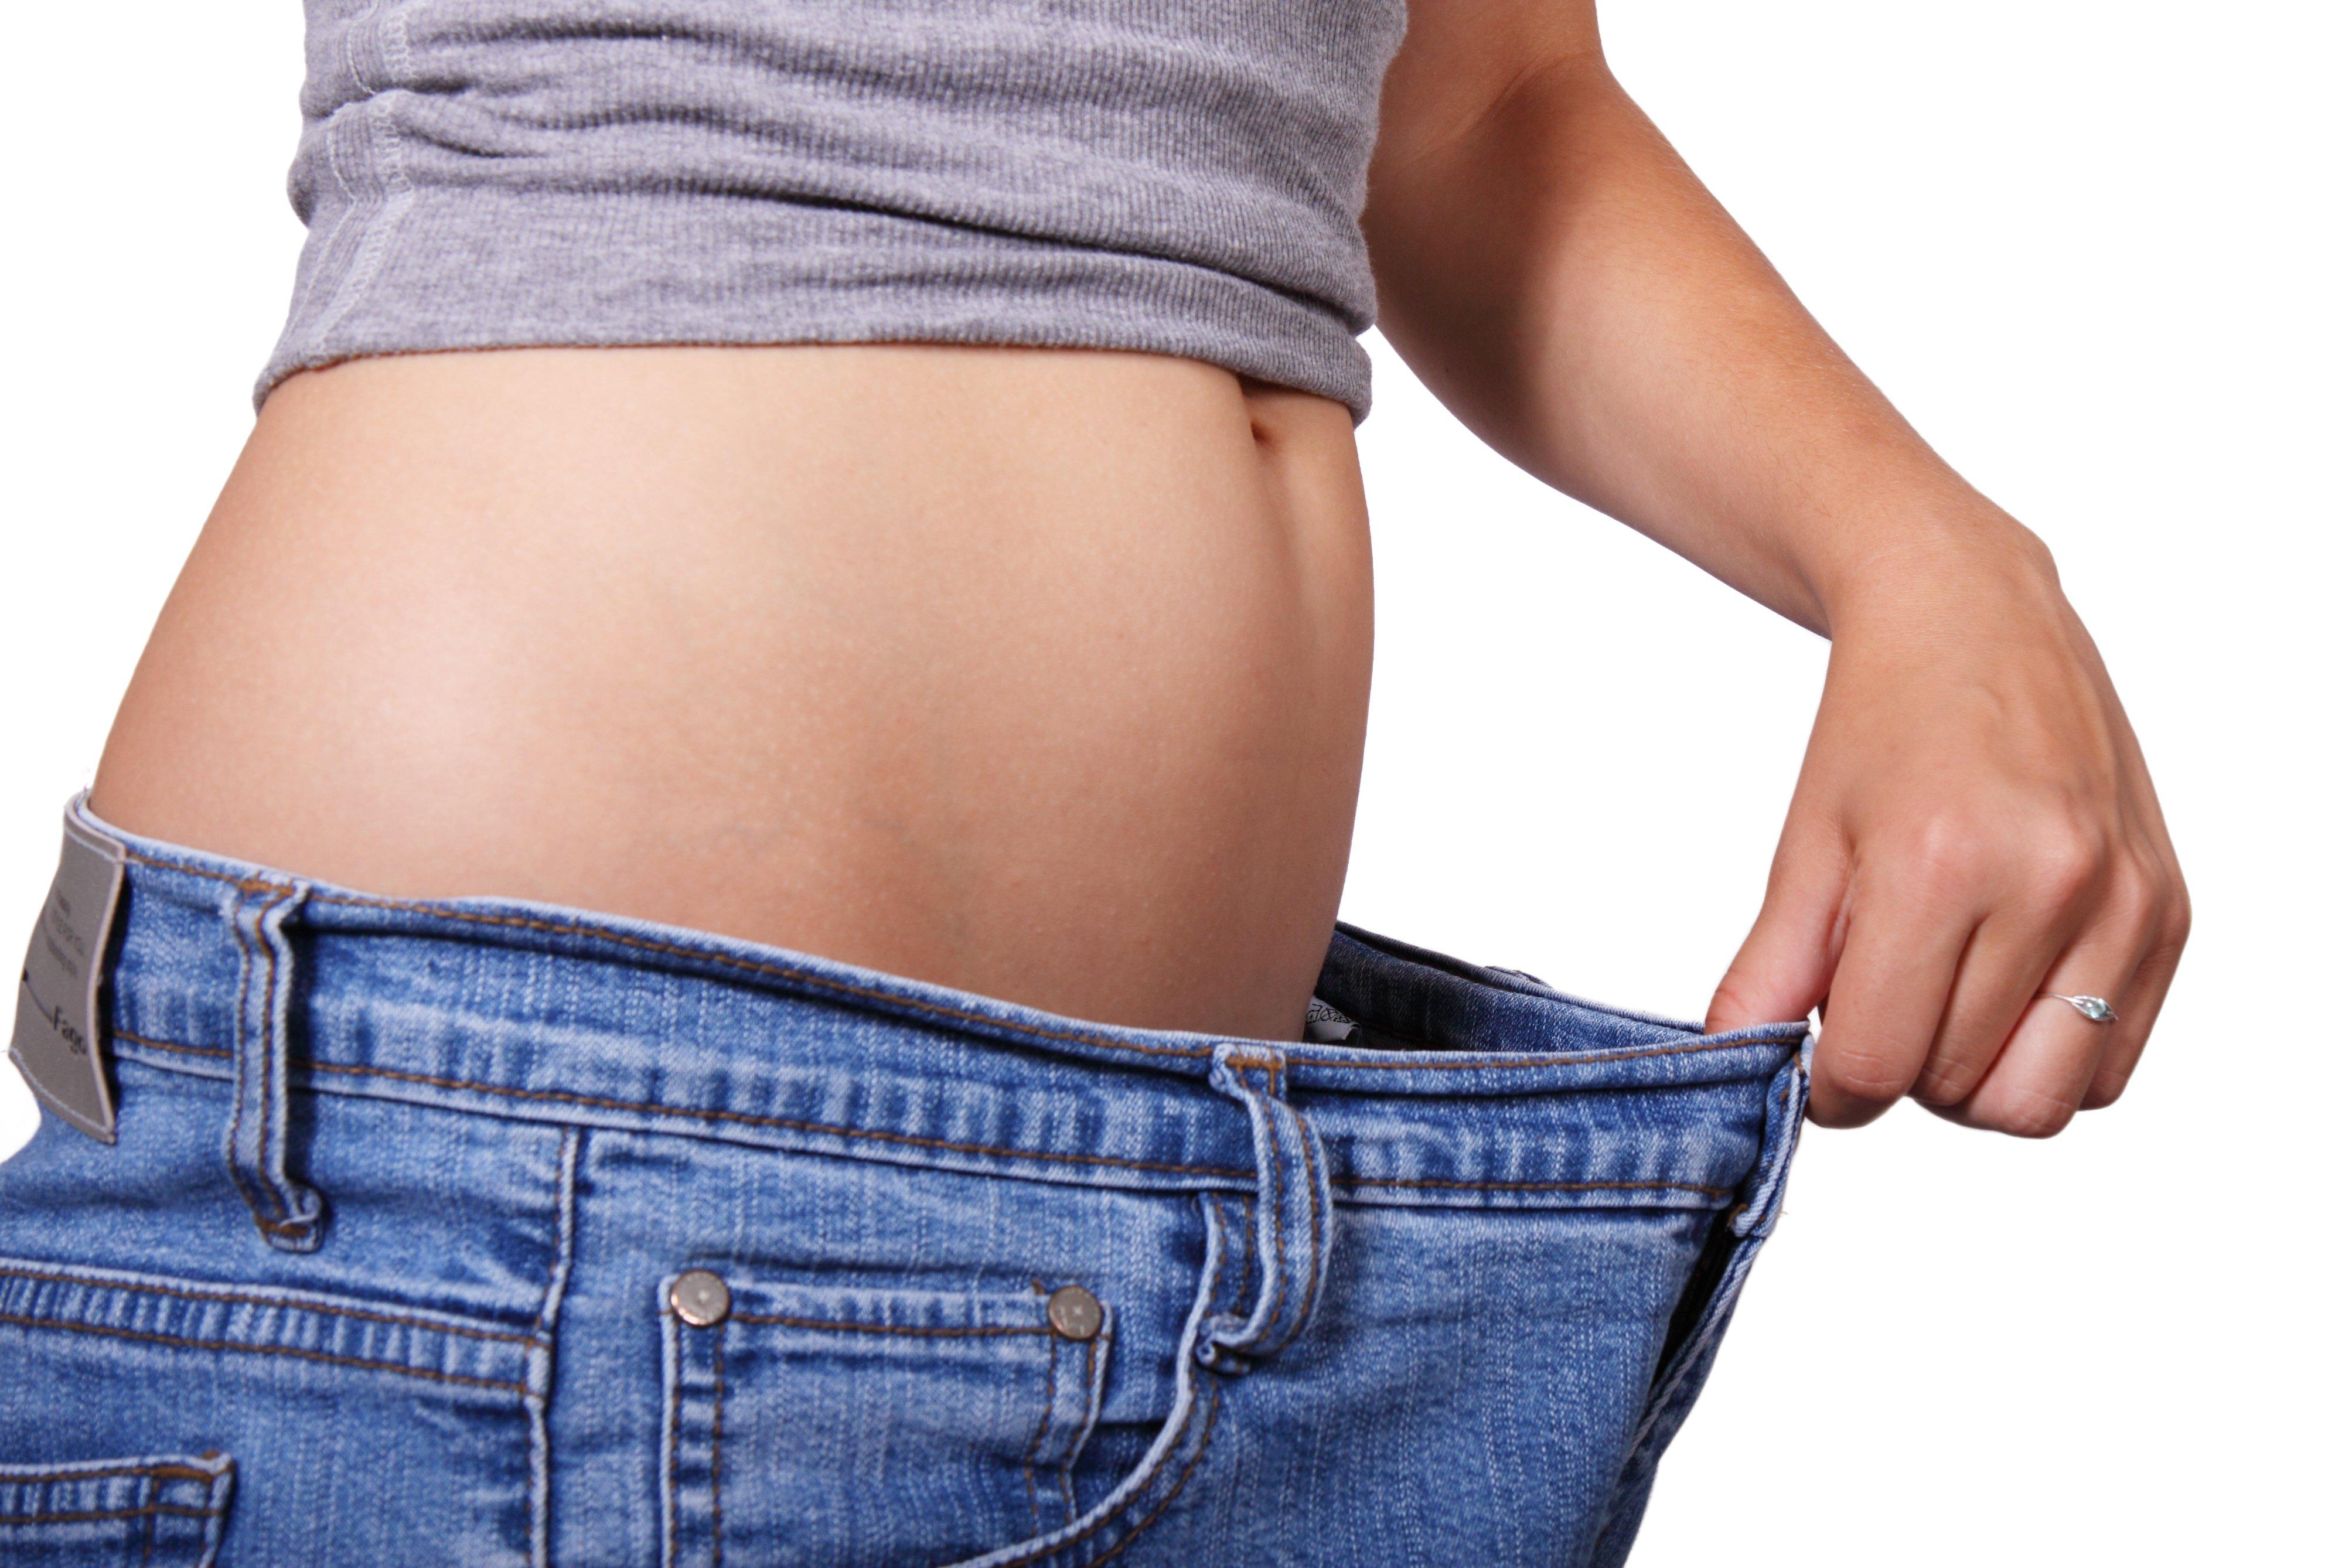 snel gezond blijvend afvallen | Gezond Eten Lekker Leven